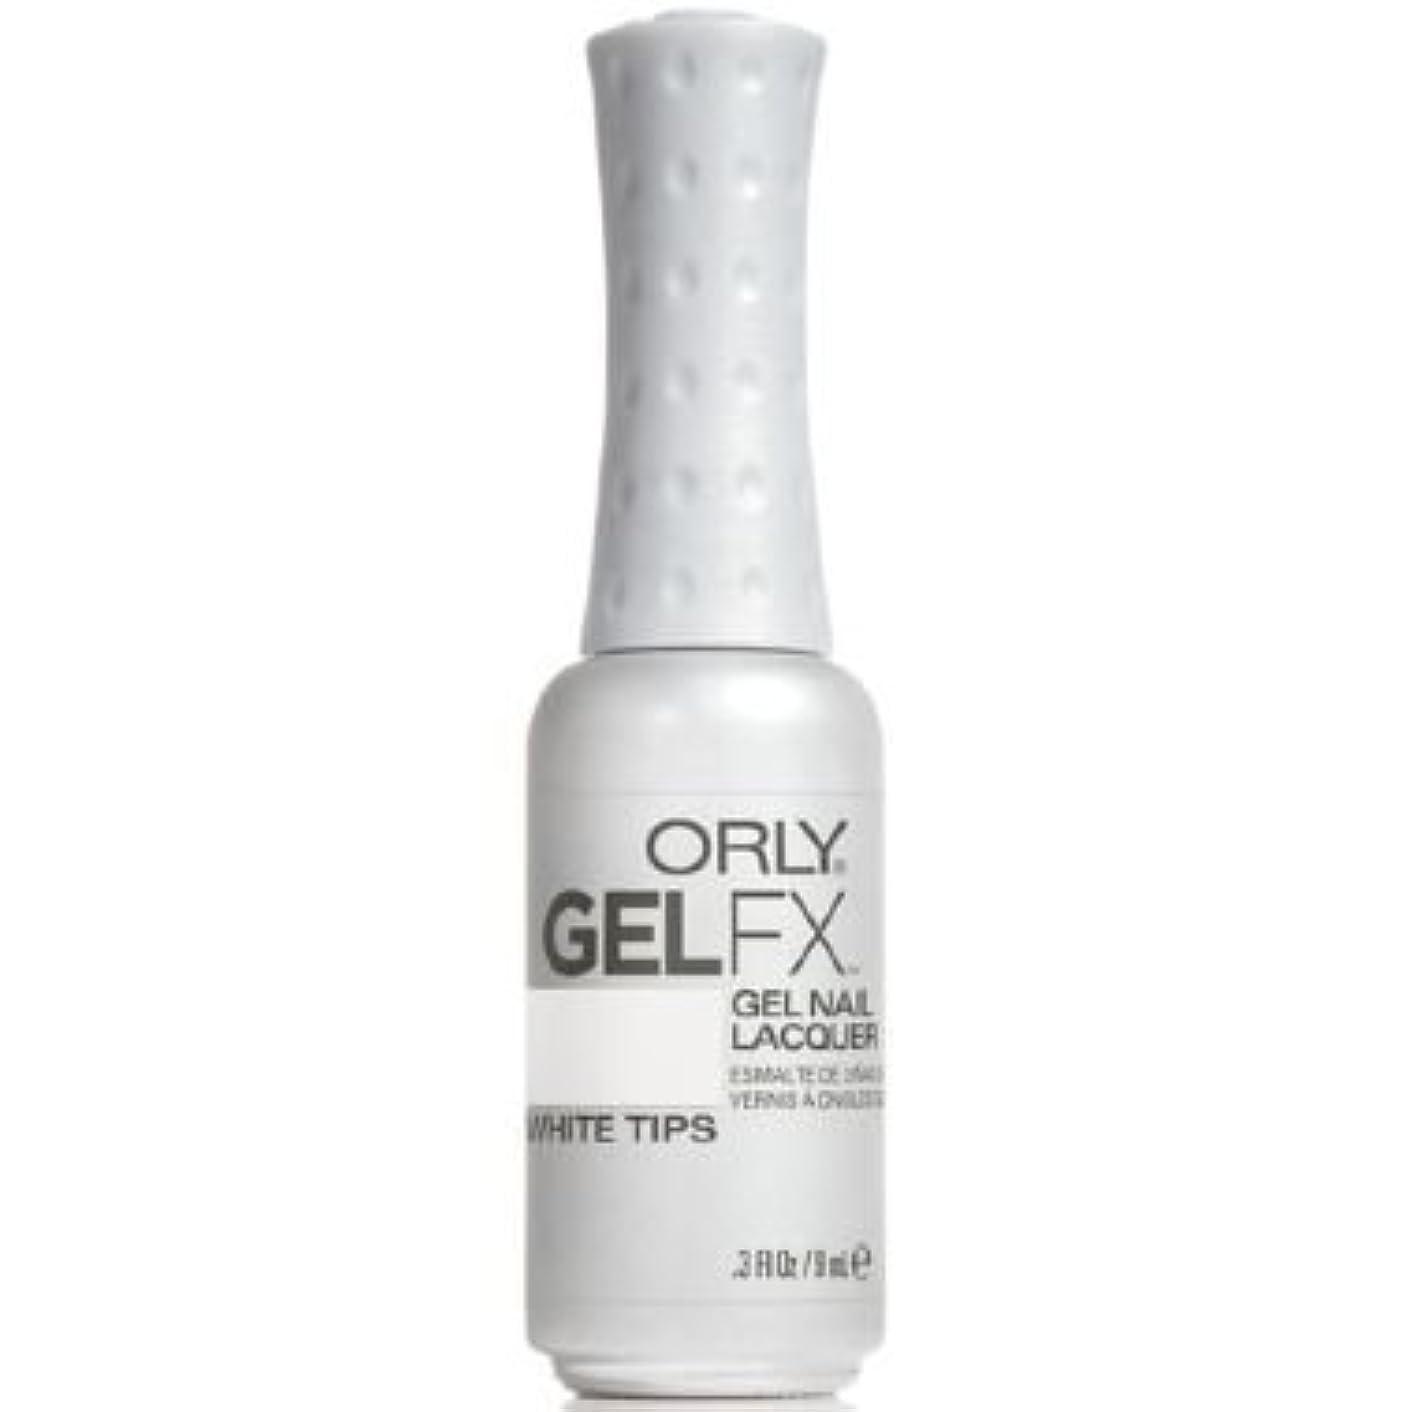 ヘクタール免除する細断Orly Gel FX Gel UV Vernis à Ongles/ Gel Polish - White Tips 9ml